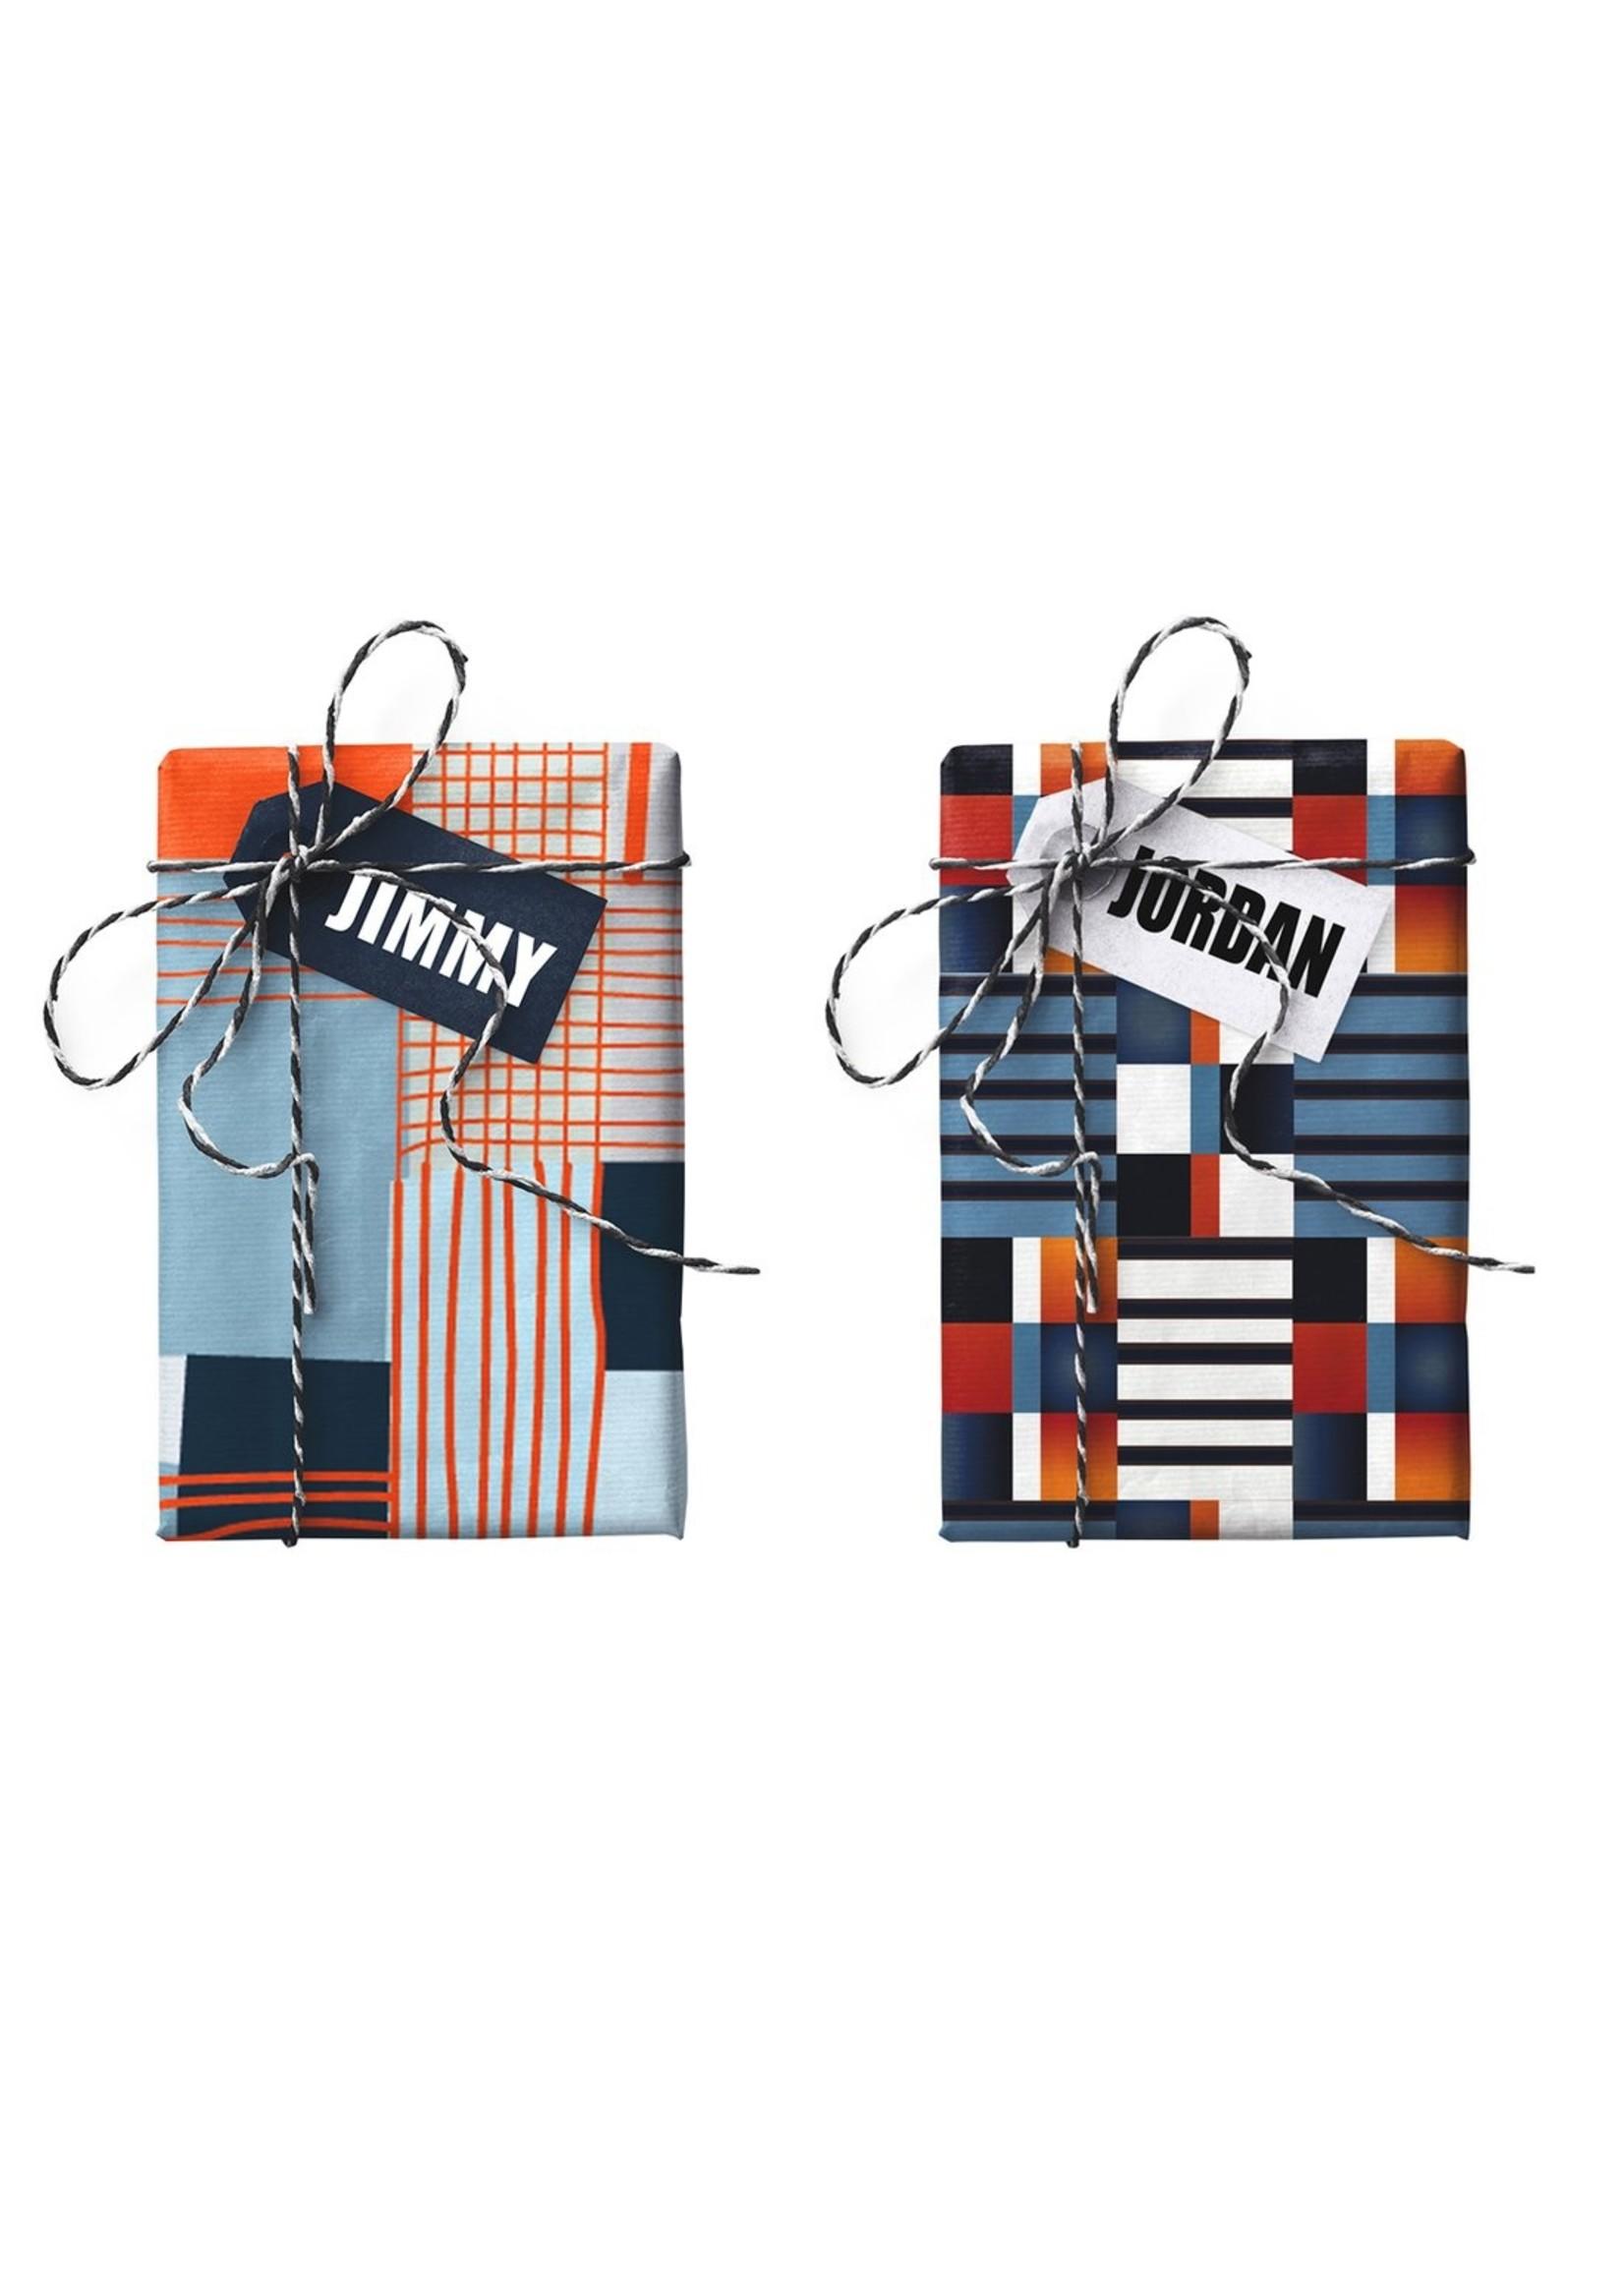 Jimmy Jordan Double-sided Gift Wrap